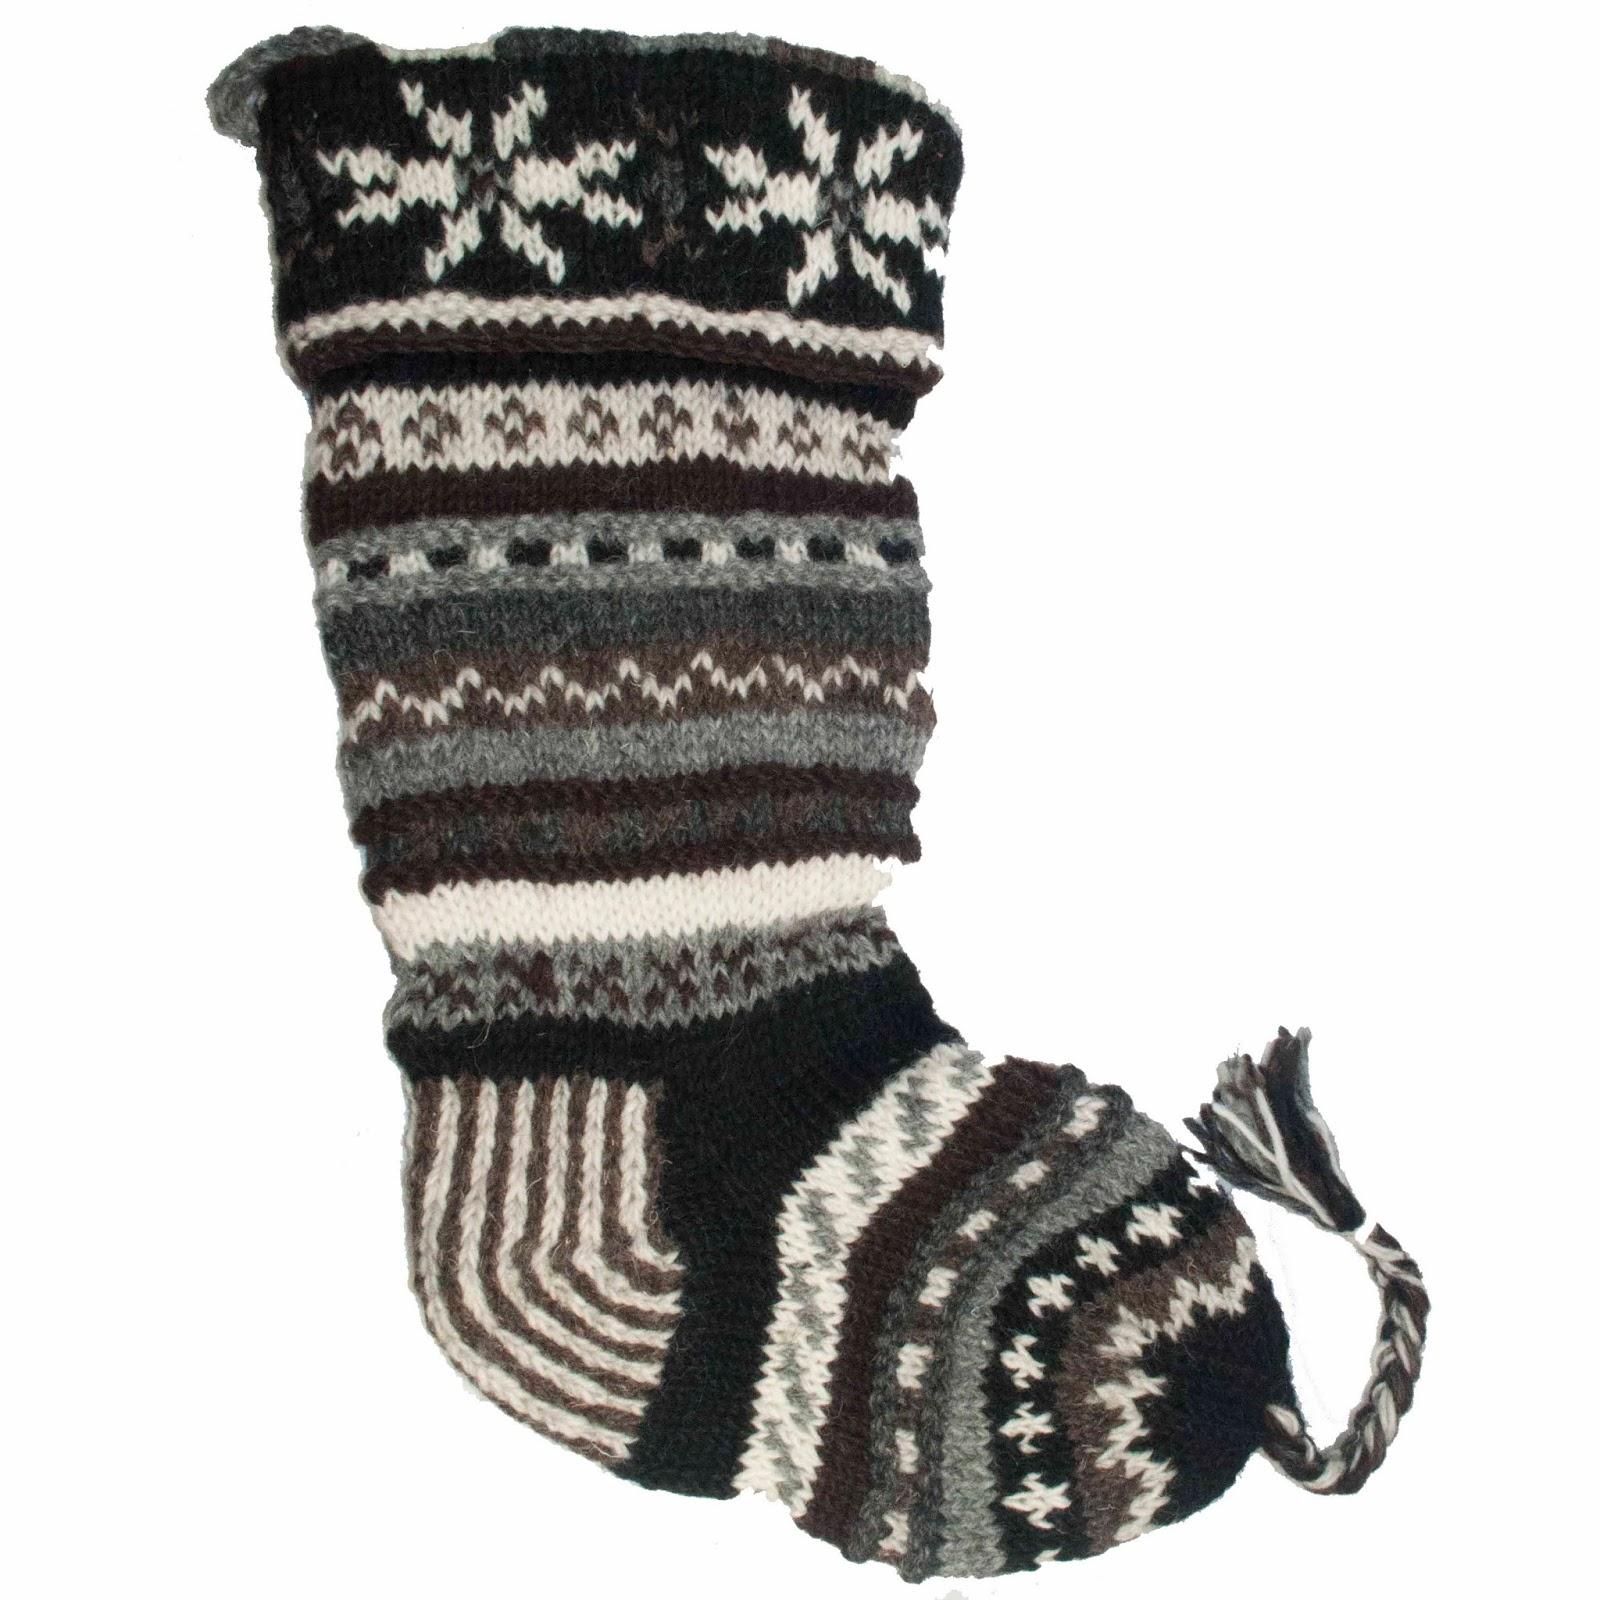 Tango Zulu Imports New Knit Wool Christmas Stockings From